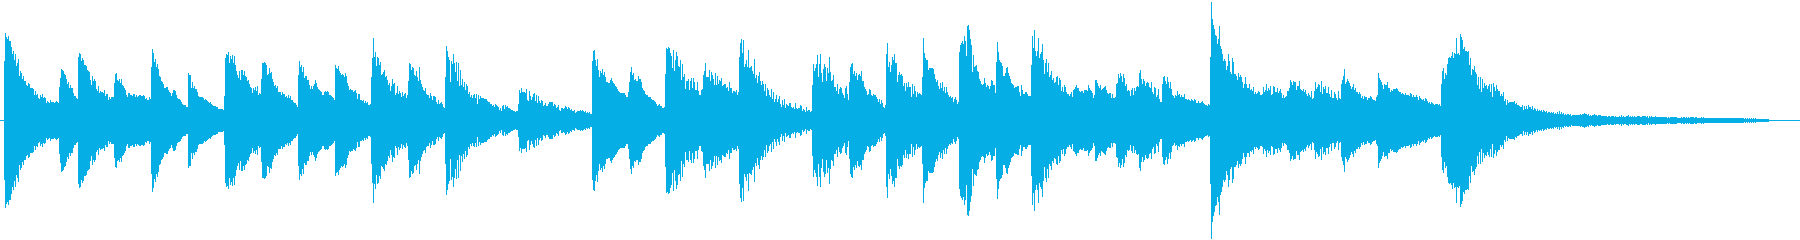 童謡・夕焼小焼モチーフのピアノジングルCの再生済みの波形